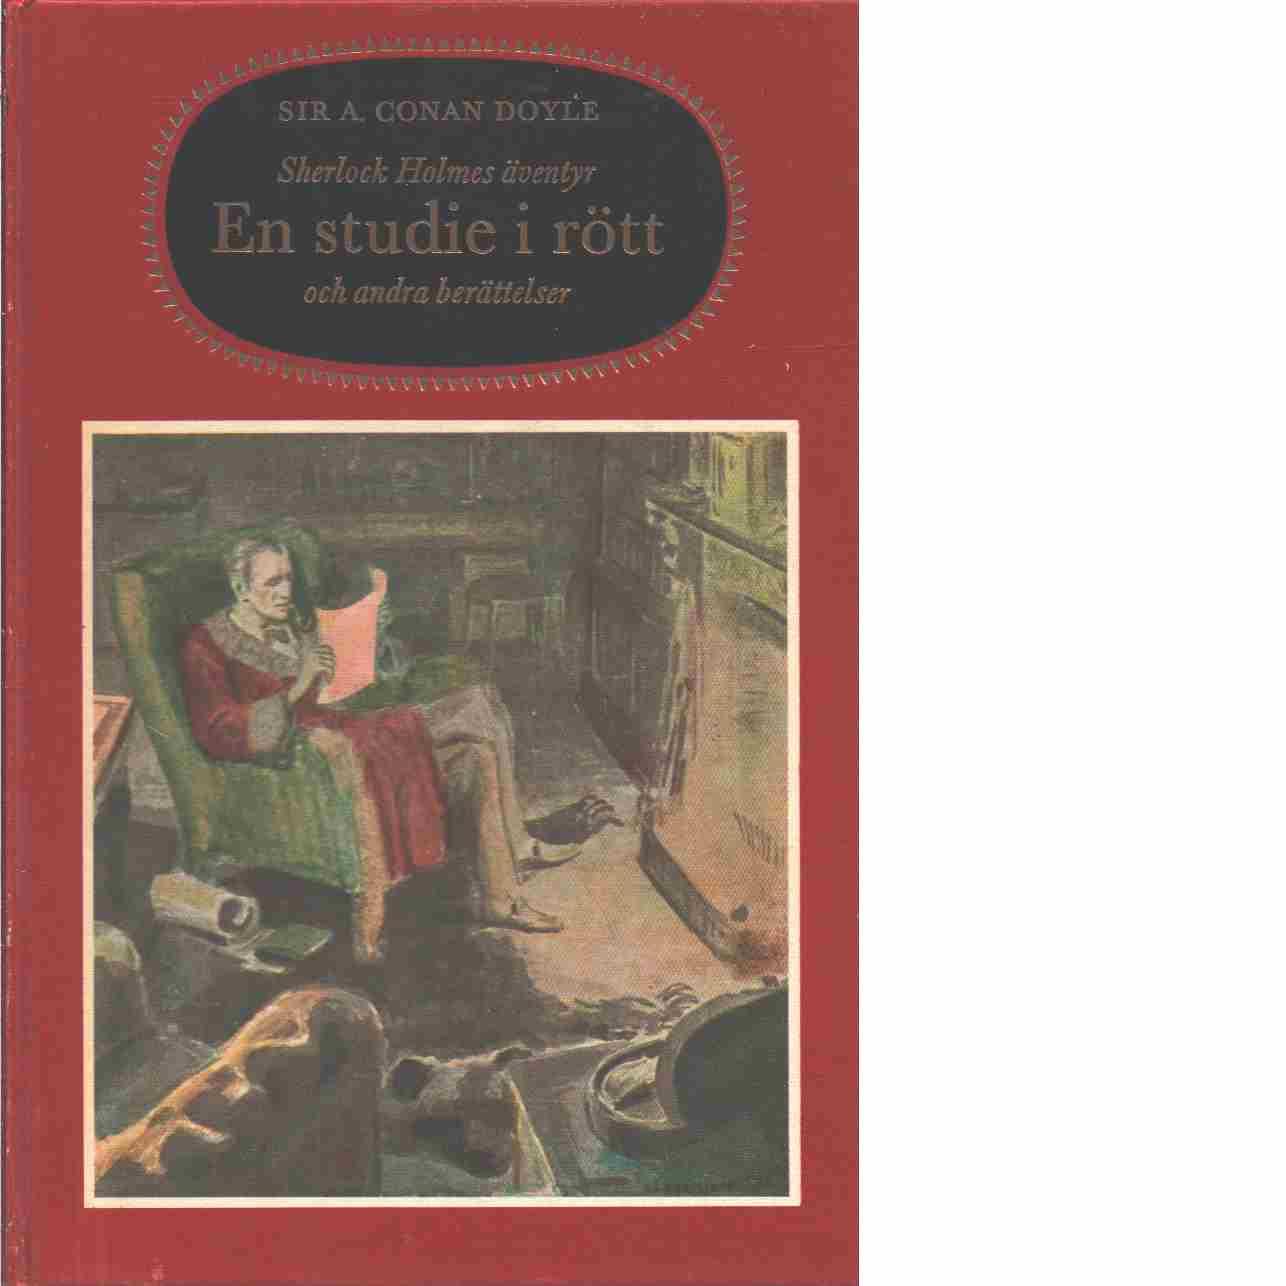 En studie i rött och andra berättelser - Doyle, Arthur Conan